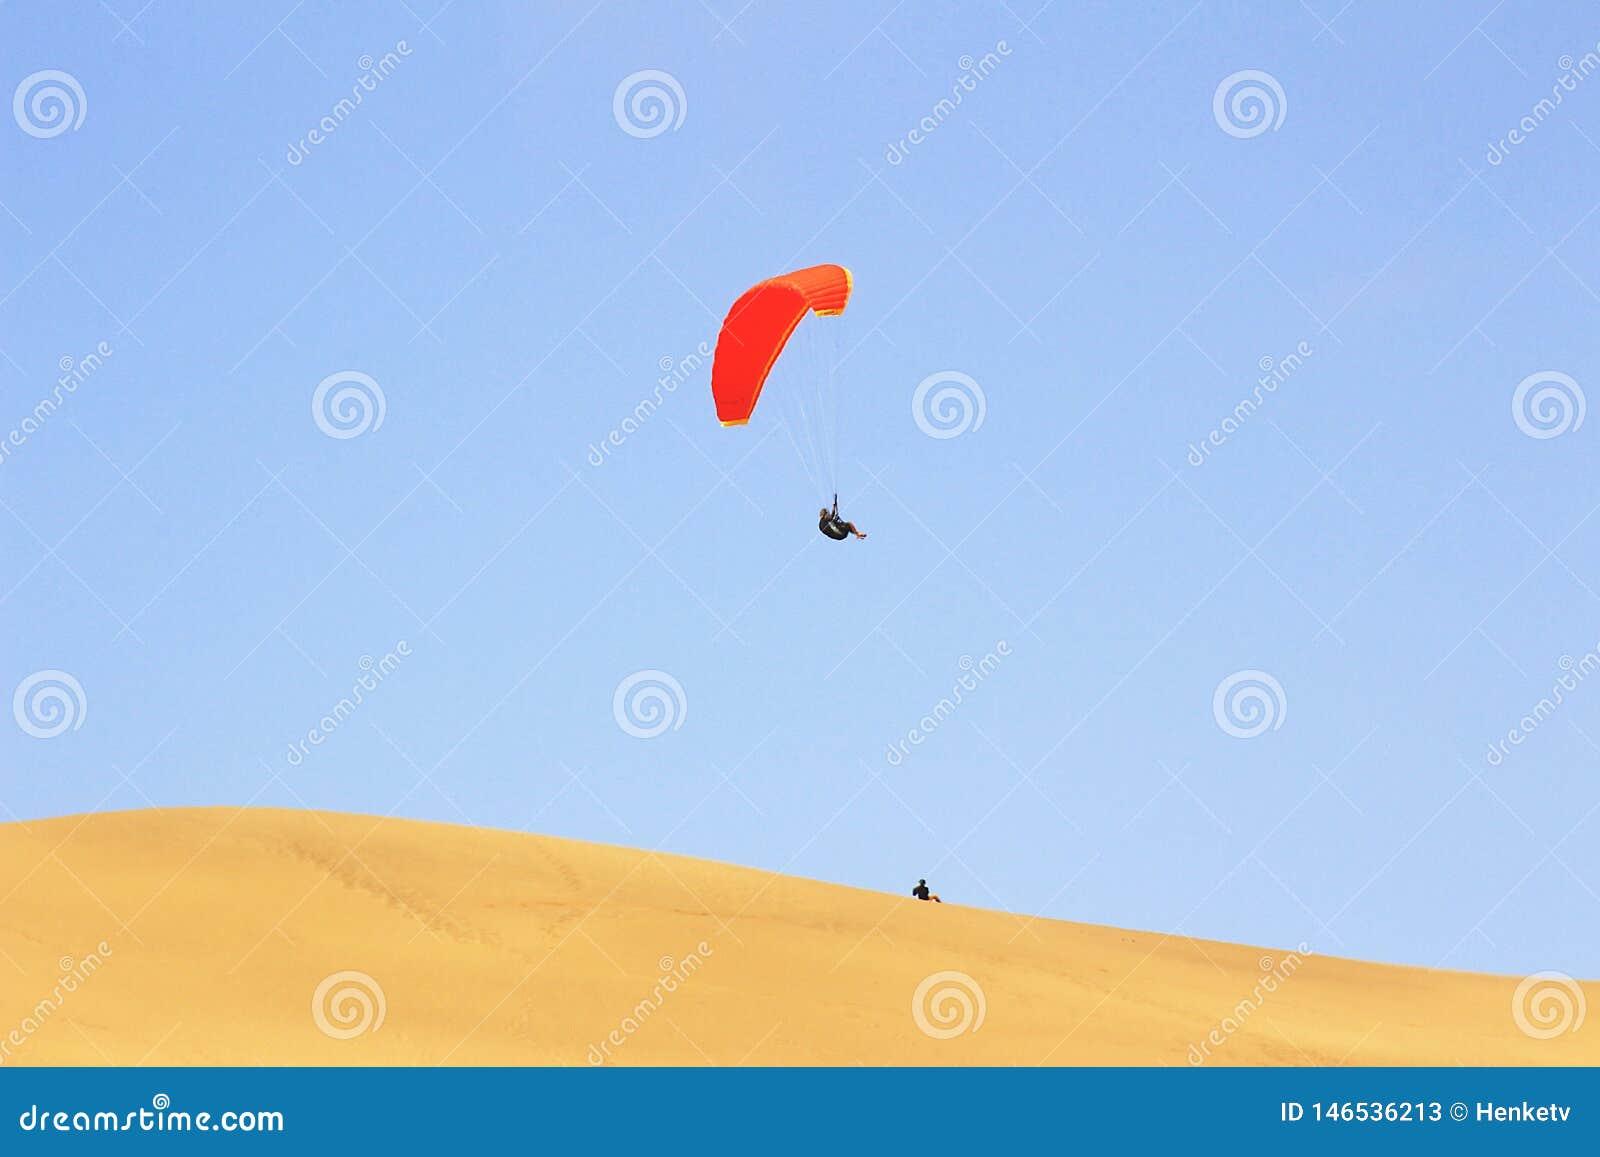 De sport van het springen van het zandduin en het uitvoeren van acrobatische manoeuvres in de lucht tijdens vrije daling alvorens